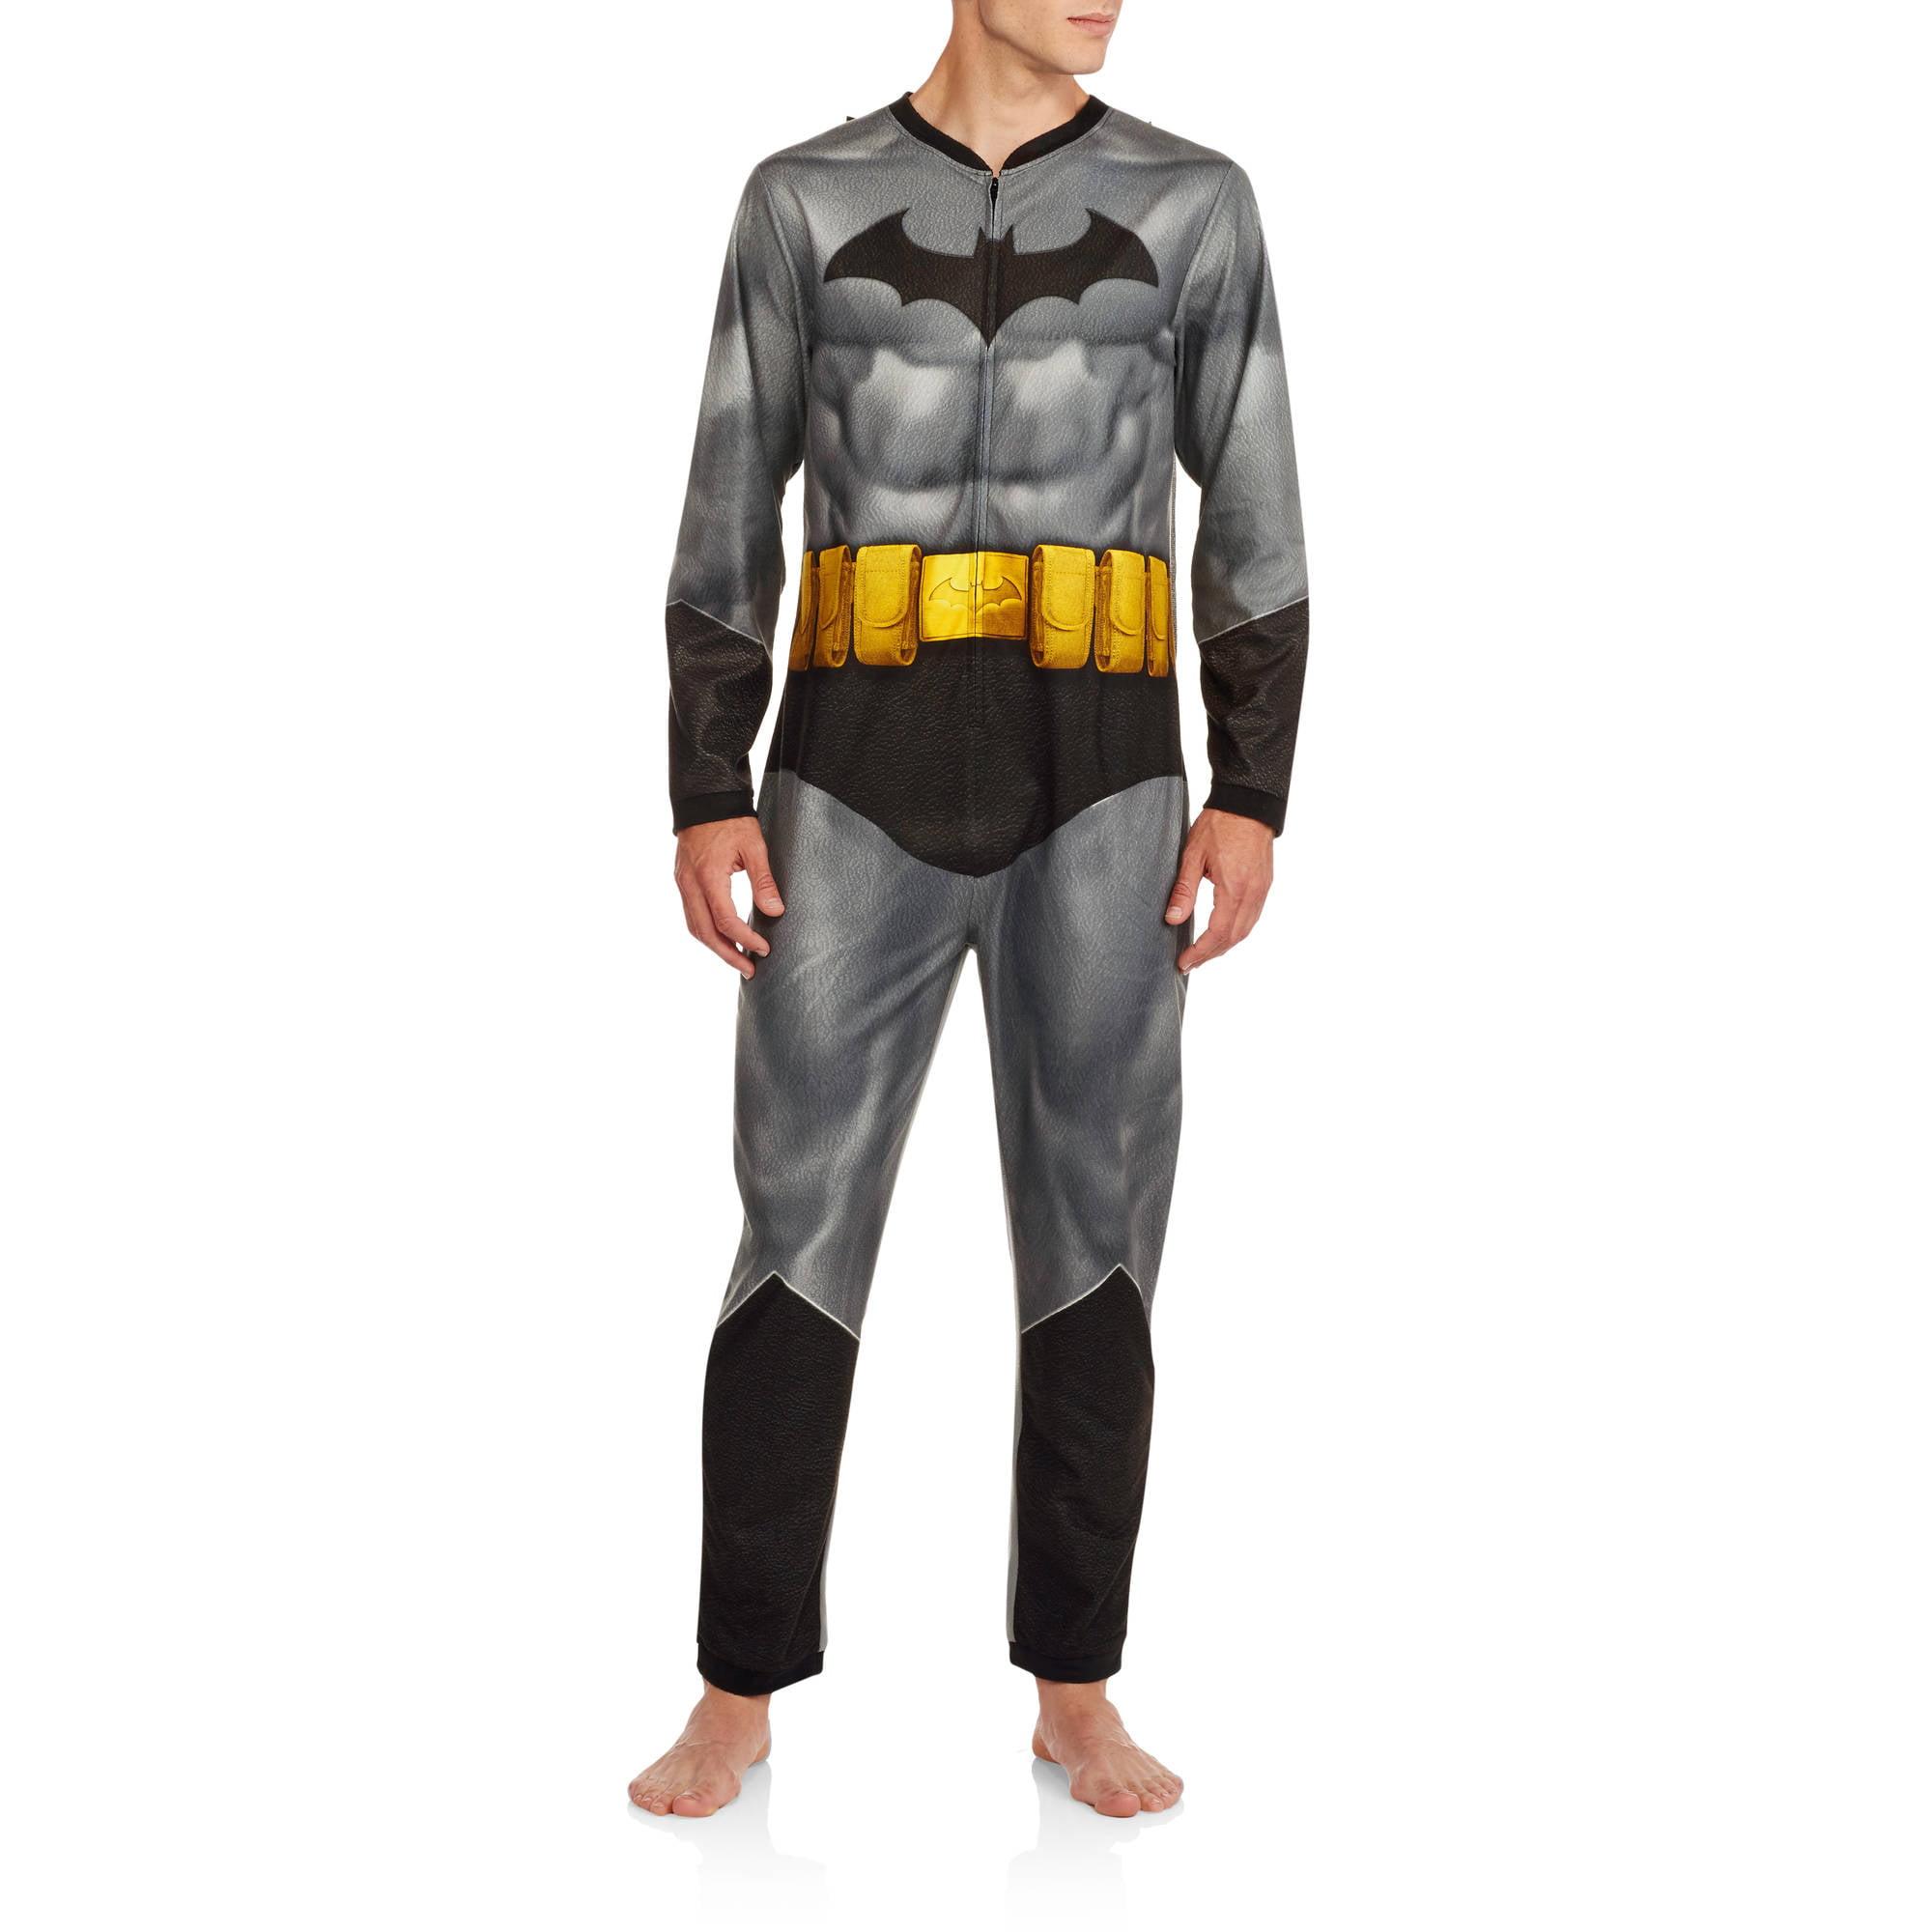 Batman Men's Onesie Dark Knight Union Suit